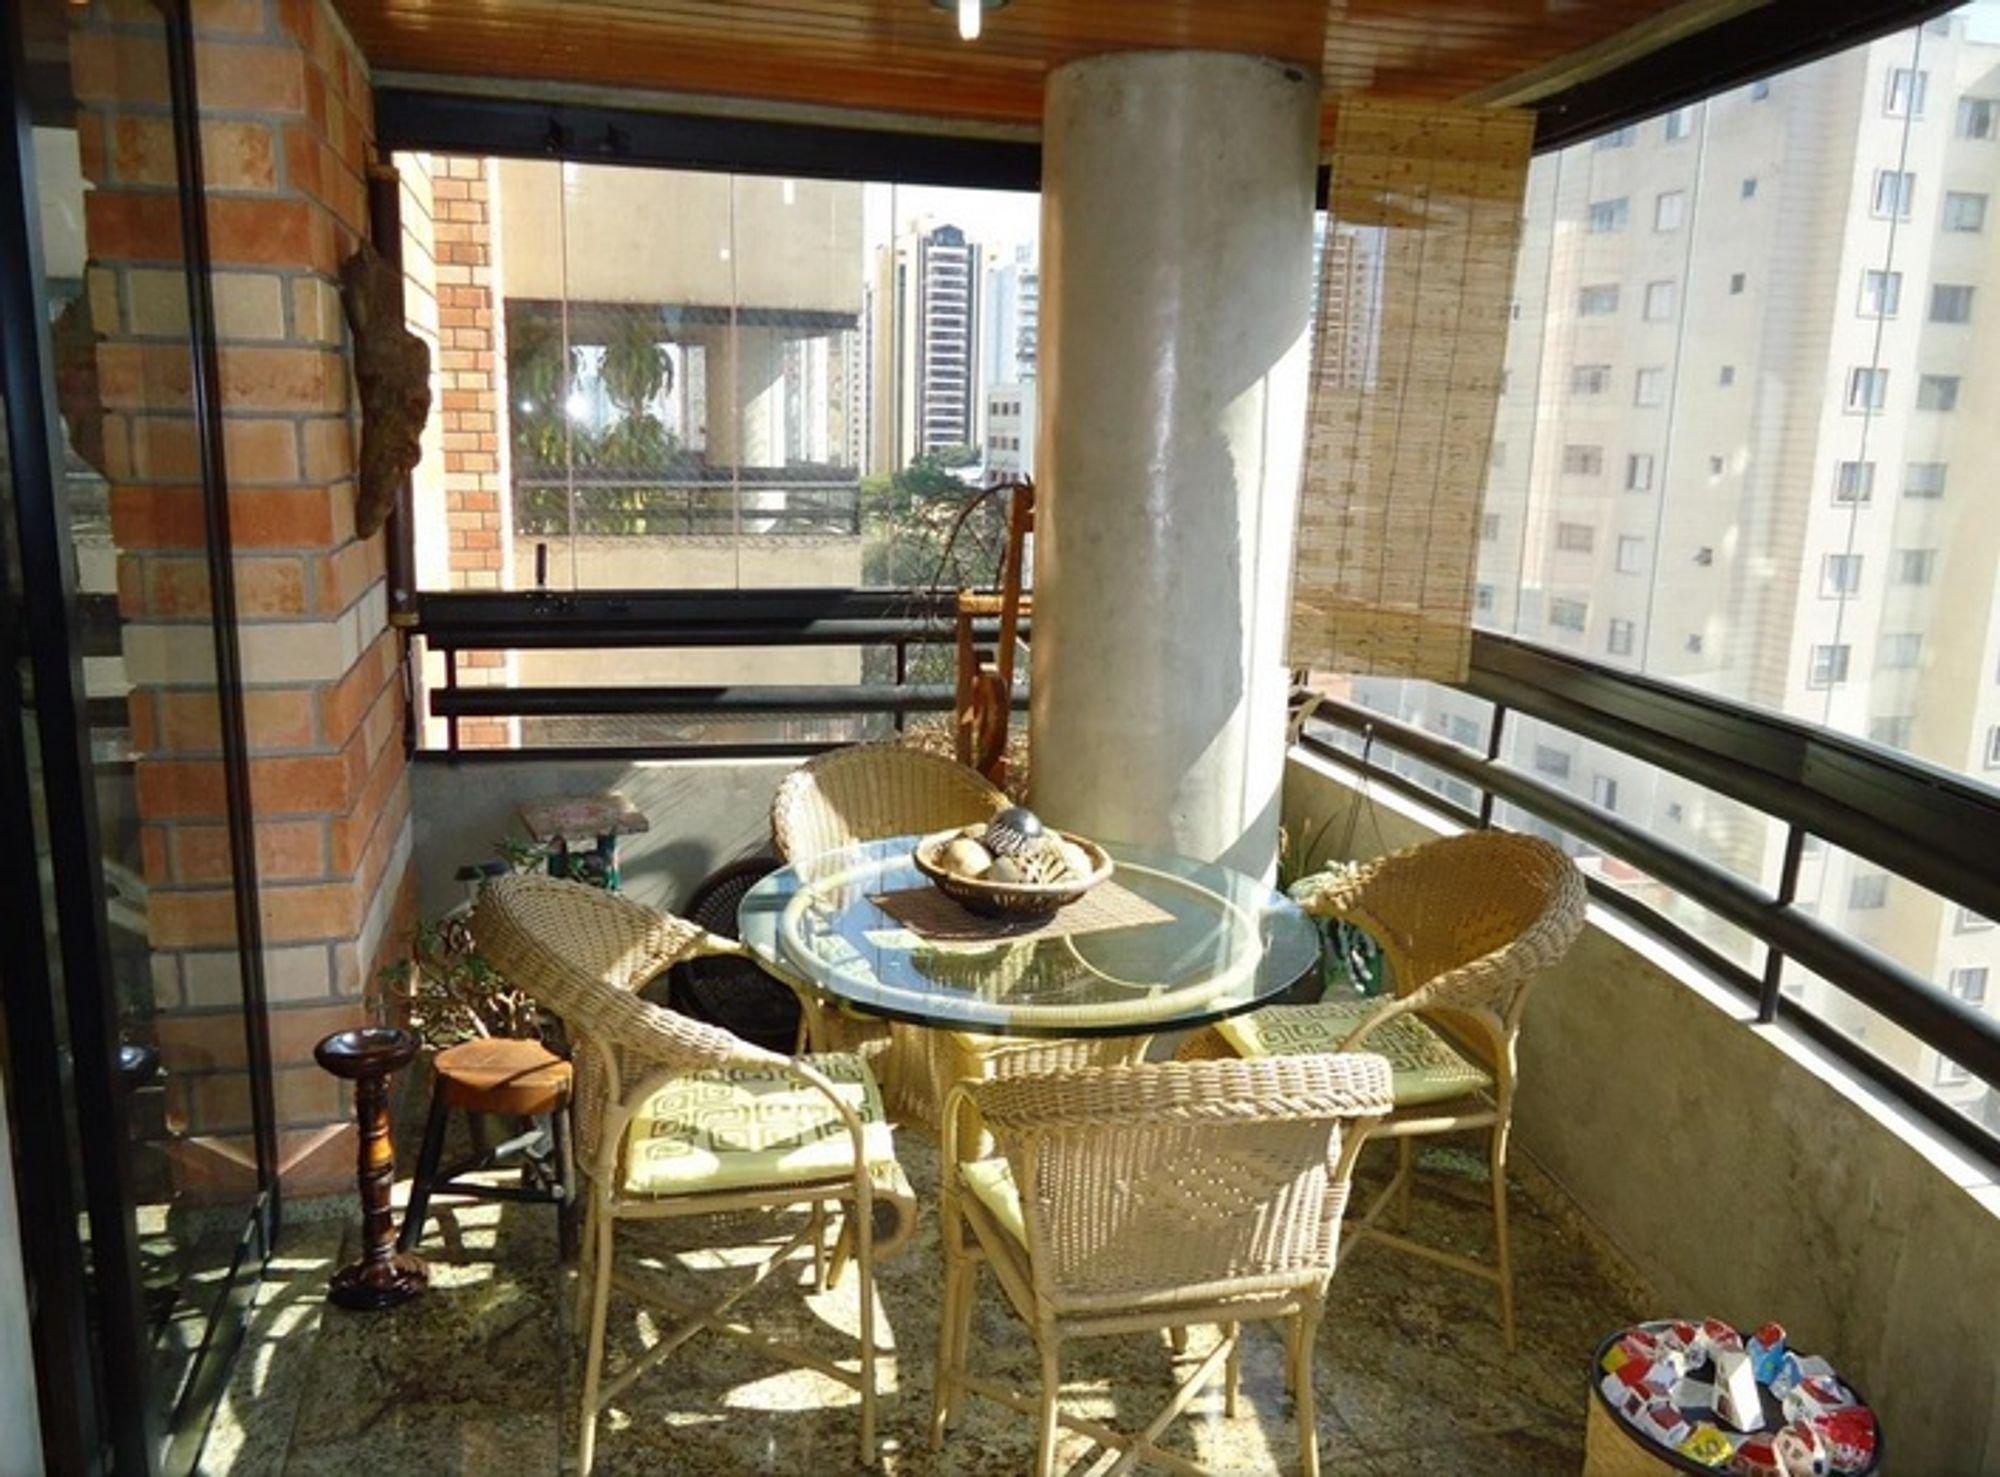 Nesta foto há tigela, cadeira, mesa de jantar